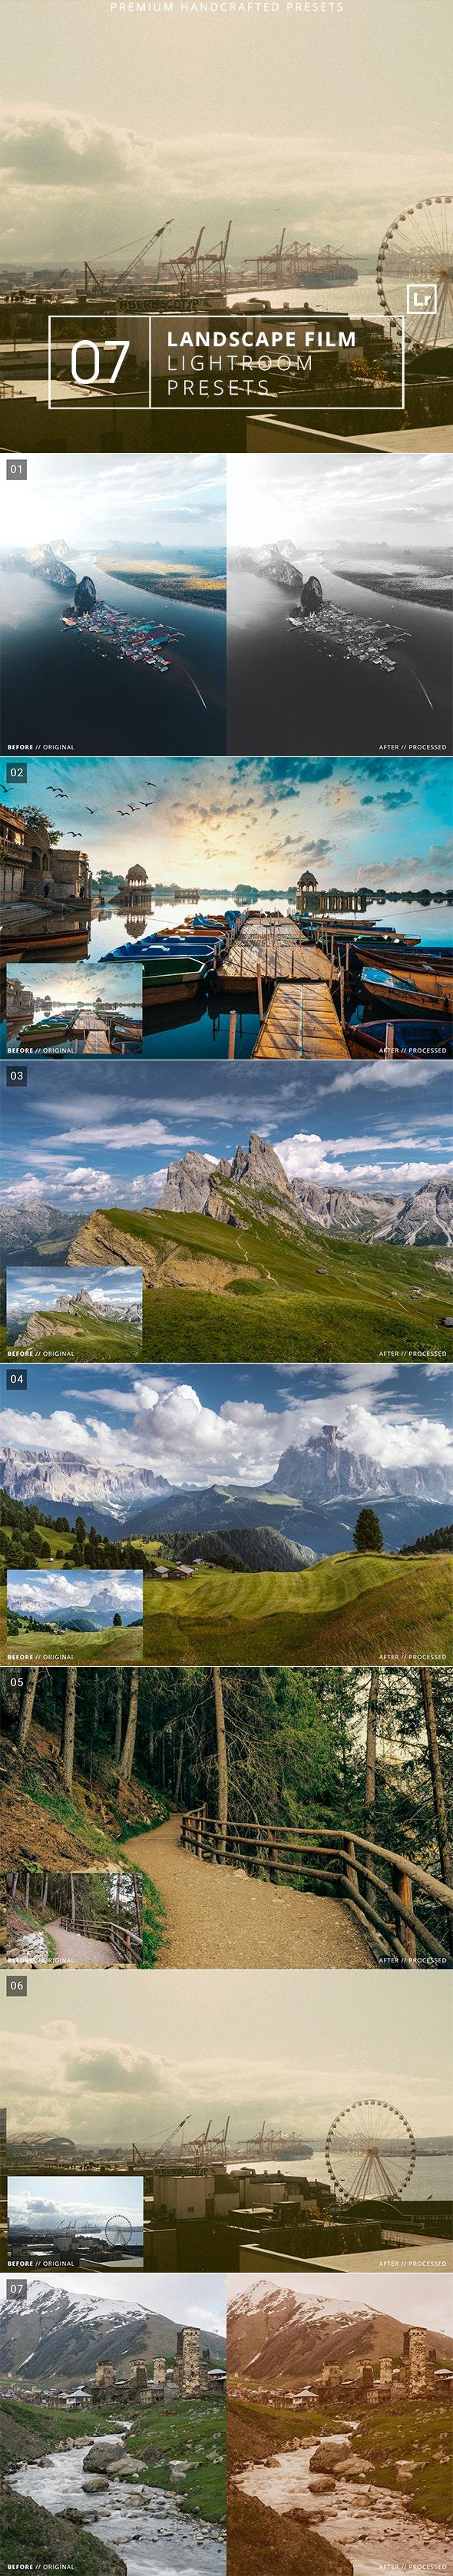 7 Landscape Film Lightroom Presets + Mobile - Landscape Lightroom Presets